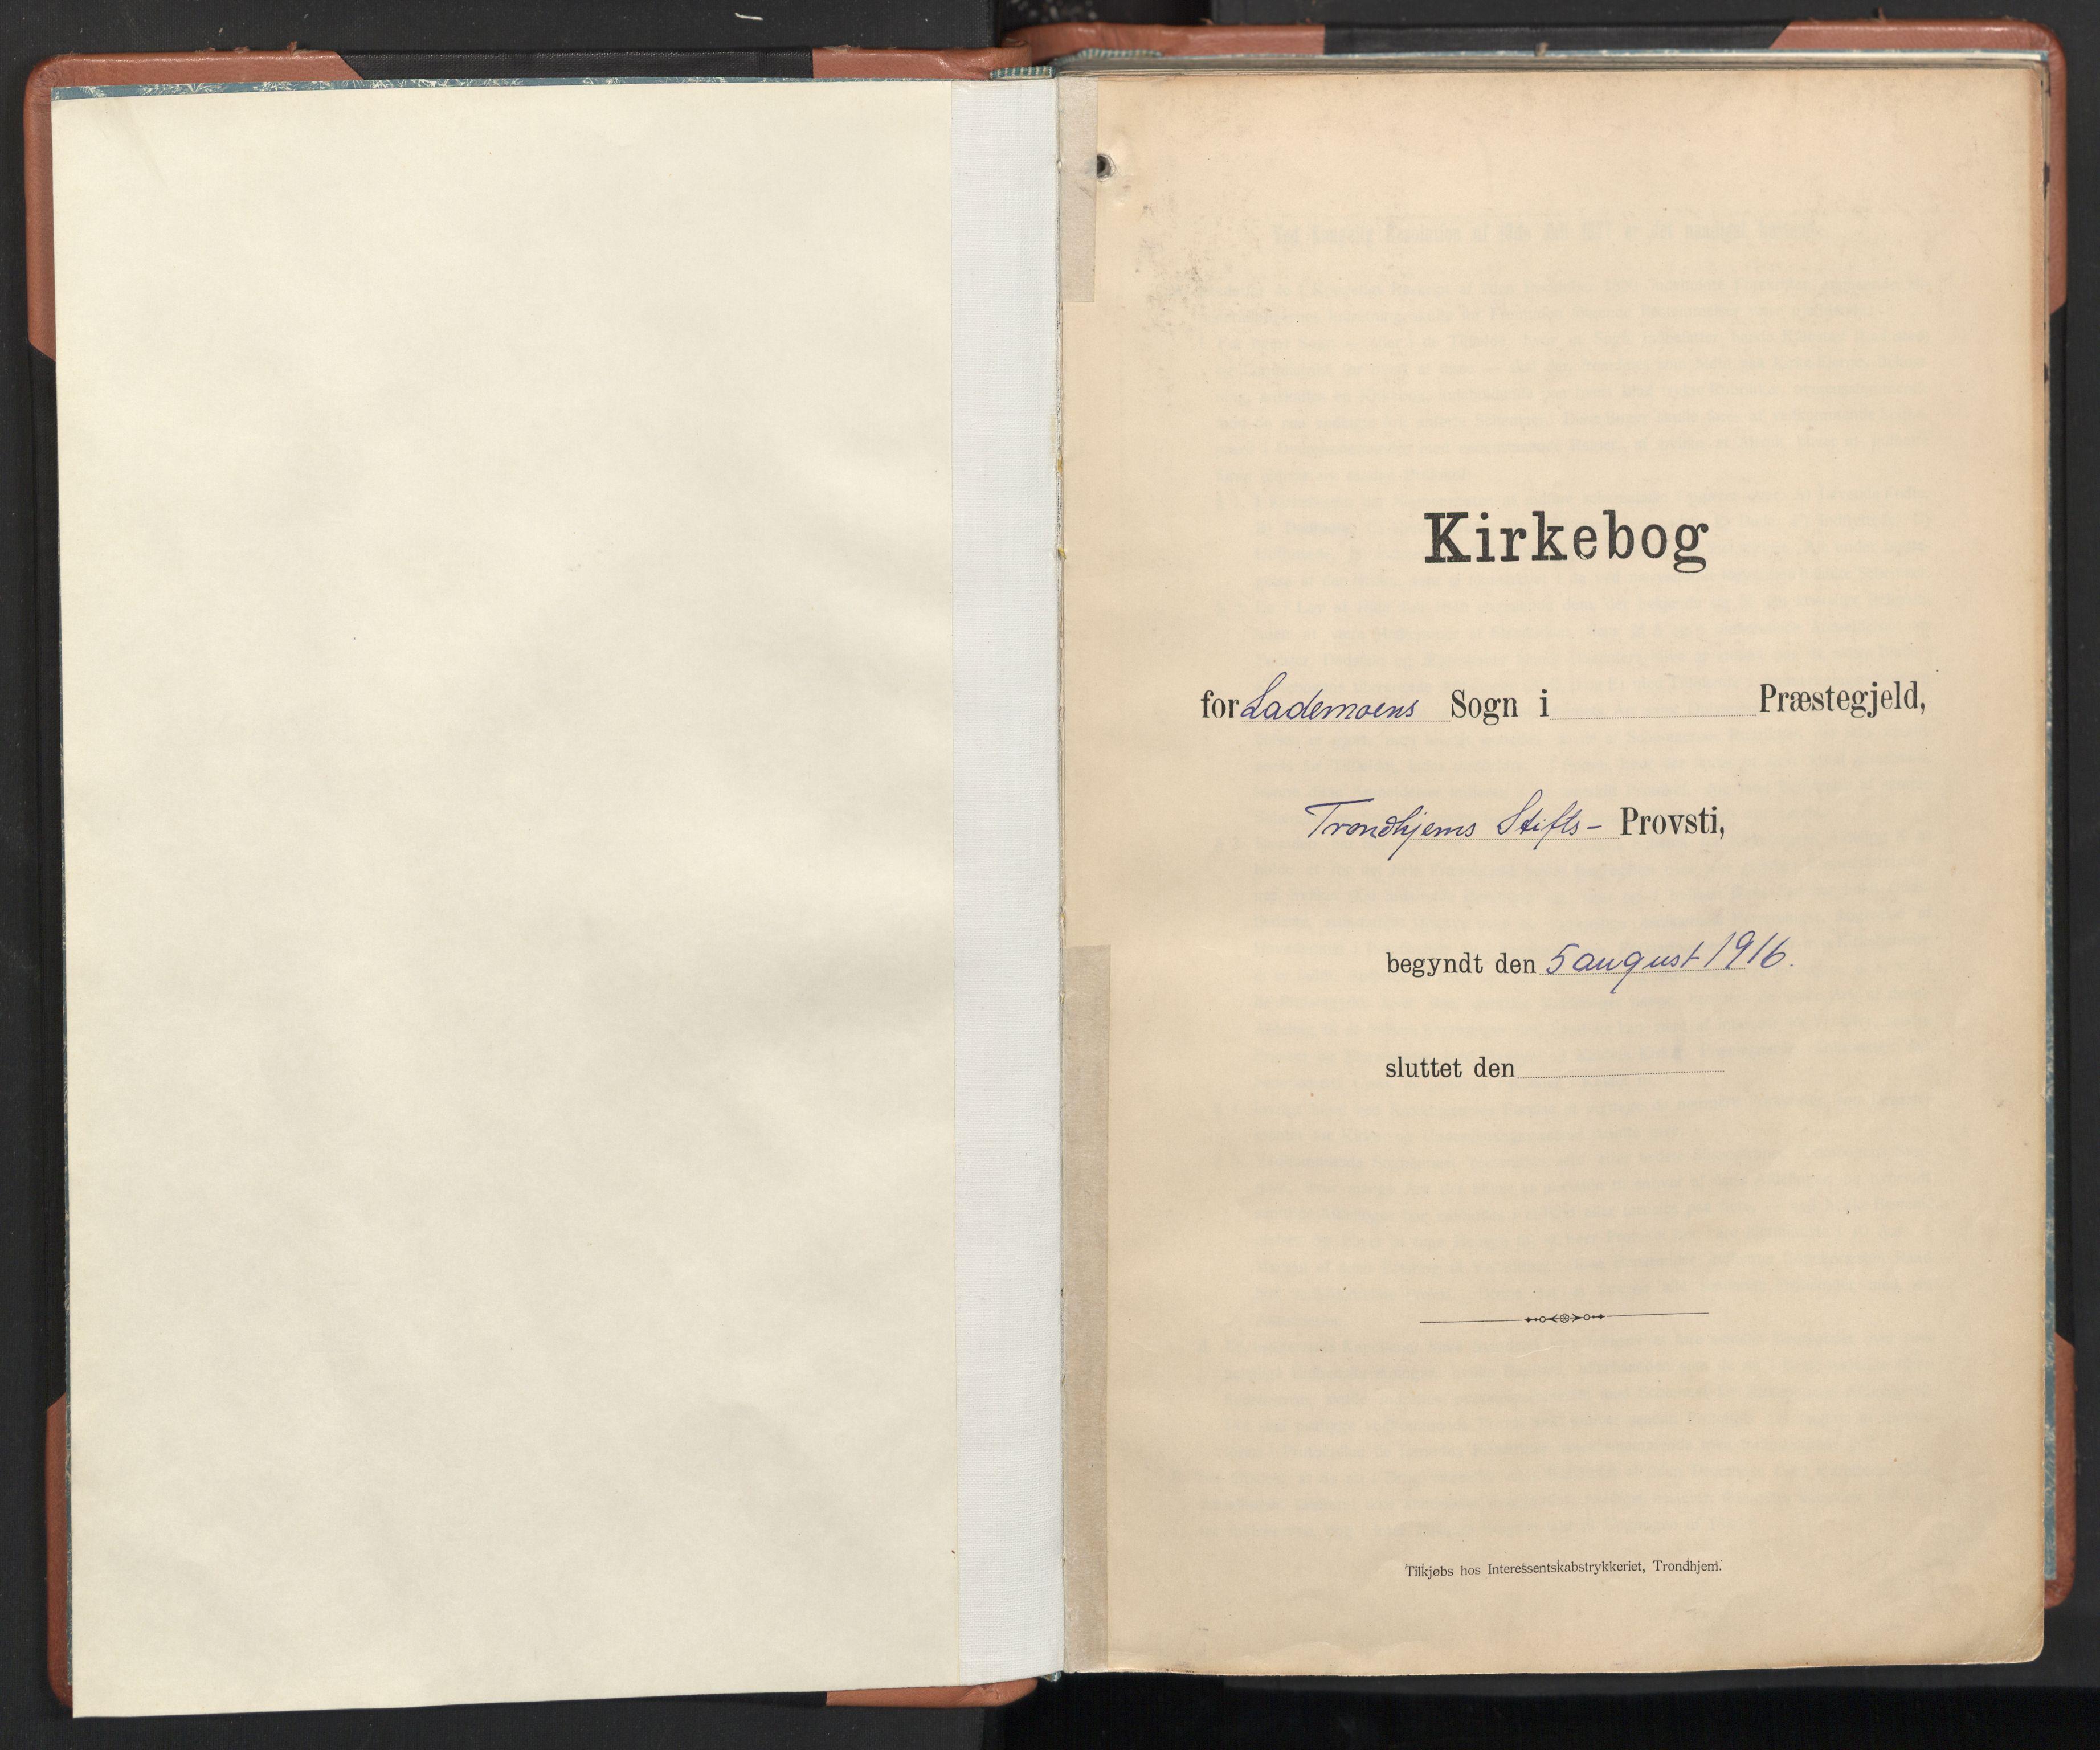 SAT, Ministerialprotokoller, klokkerbøker og fødselsregistre - Sør-Trøndelag, 605/L0245: Ministerialbok nr. 605A07, 1916-1938